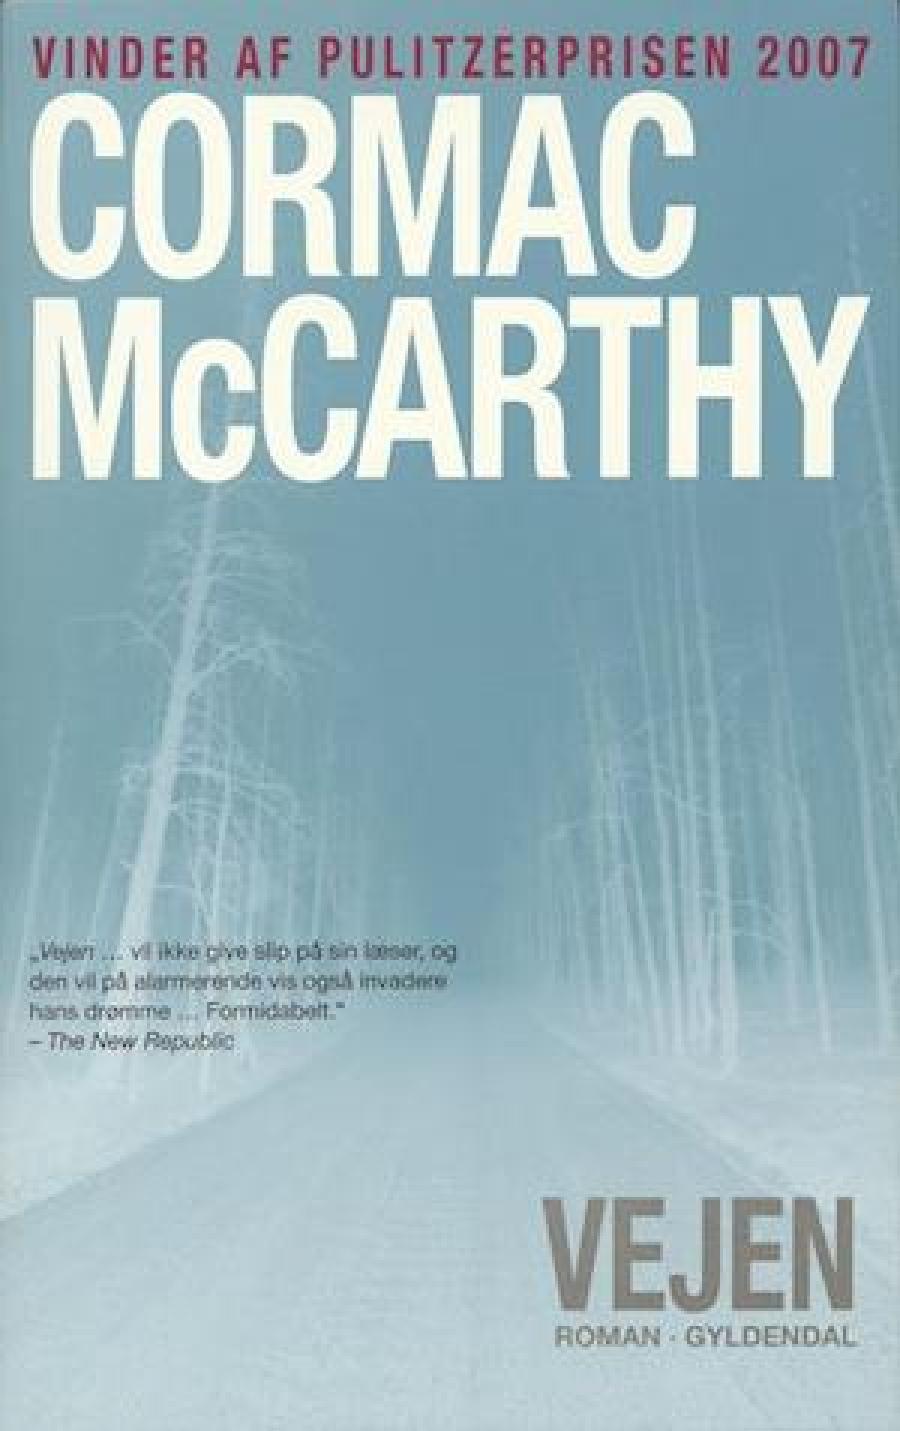 Vejen af Cormac McCarthy